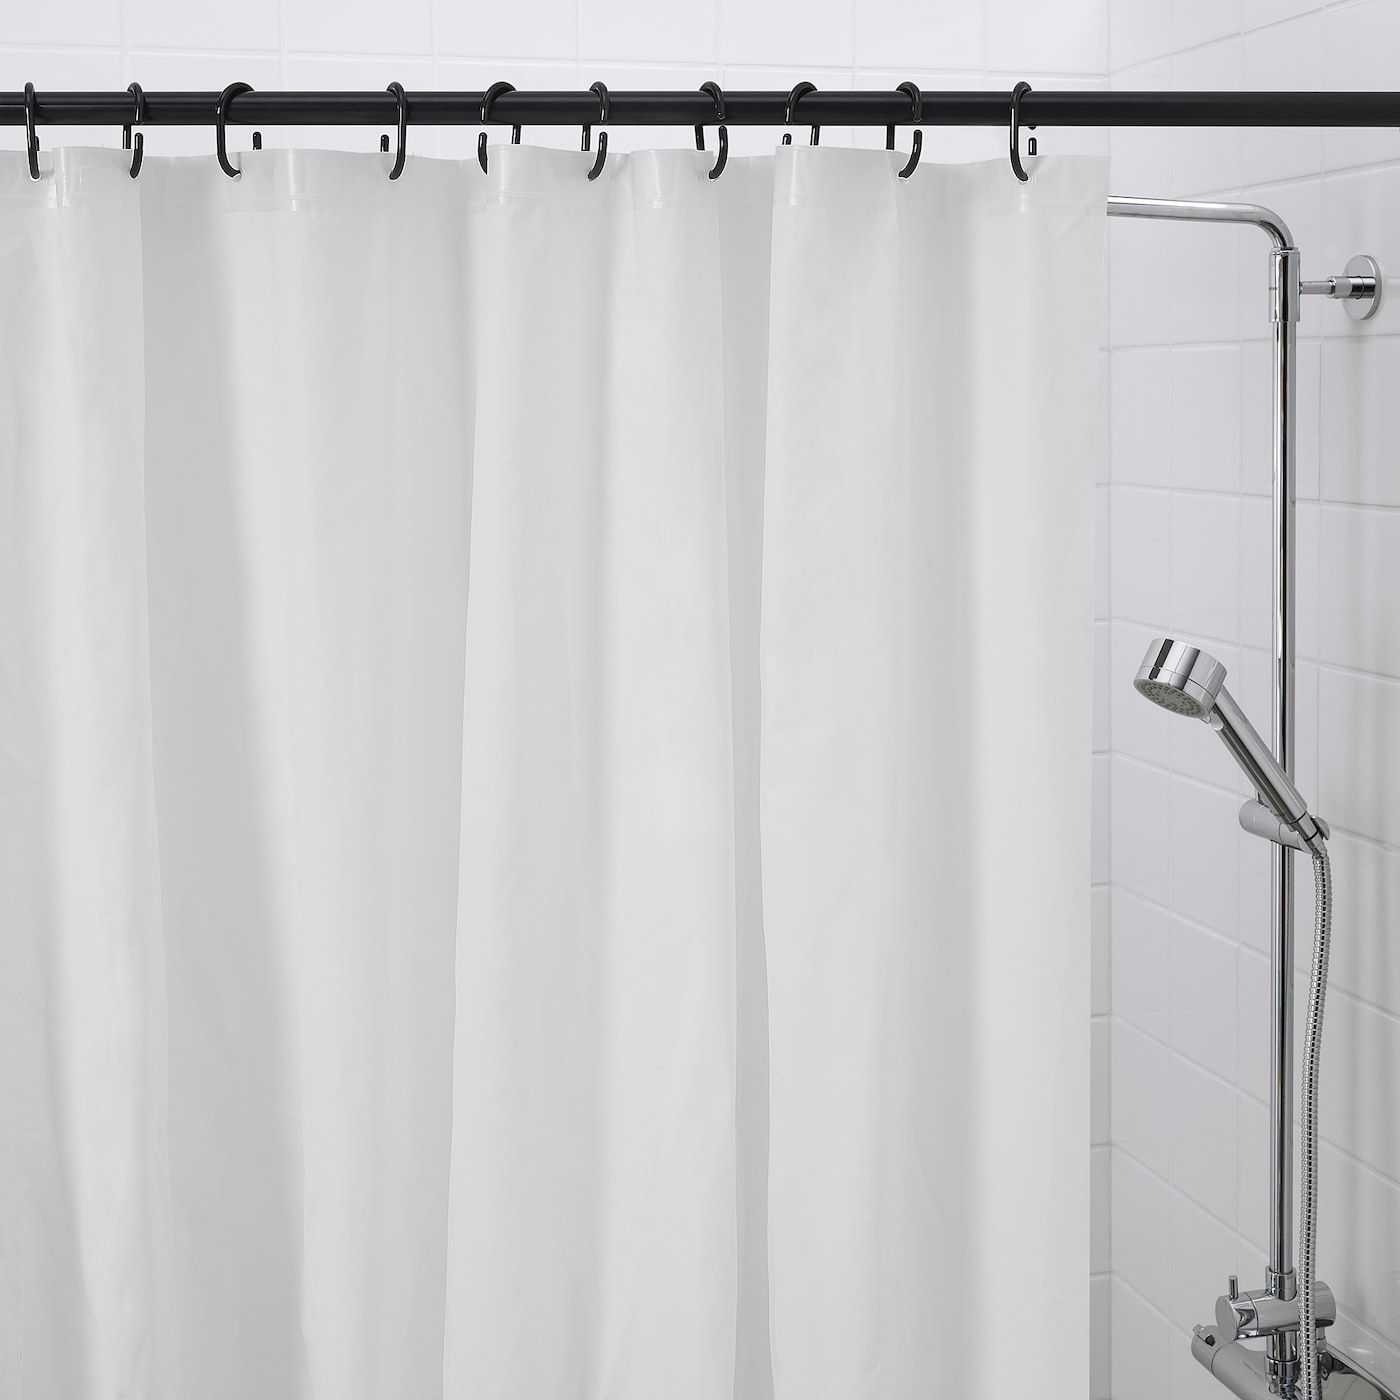 Ikea Ringsjon Shower Curtain Ring Black Shower Curtains